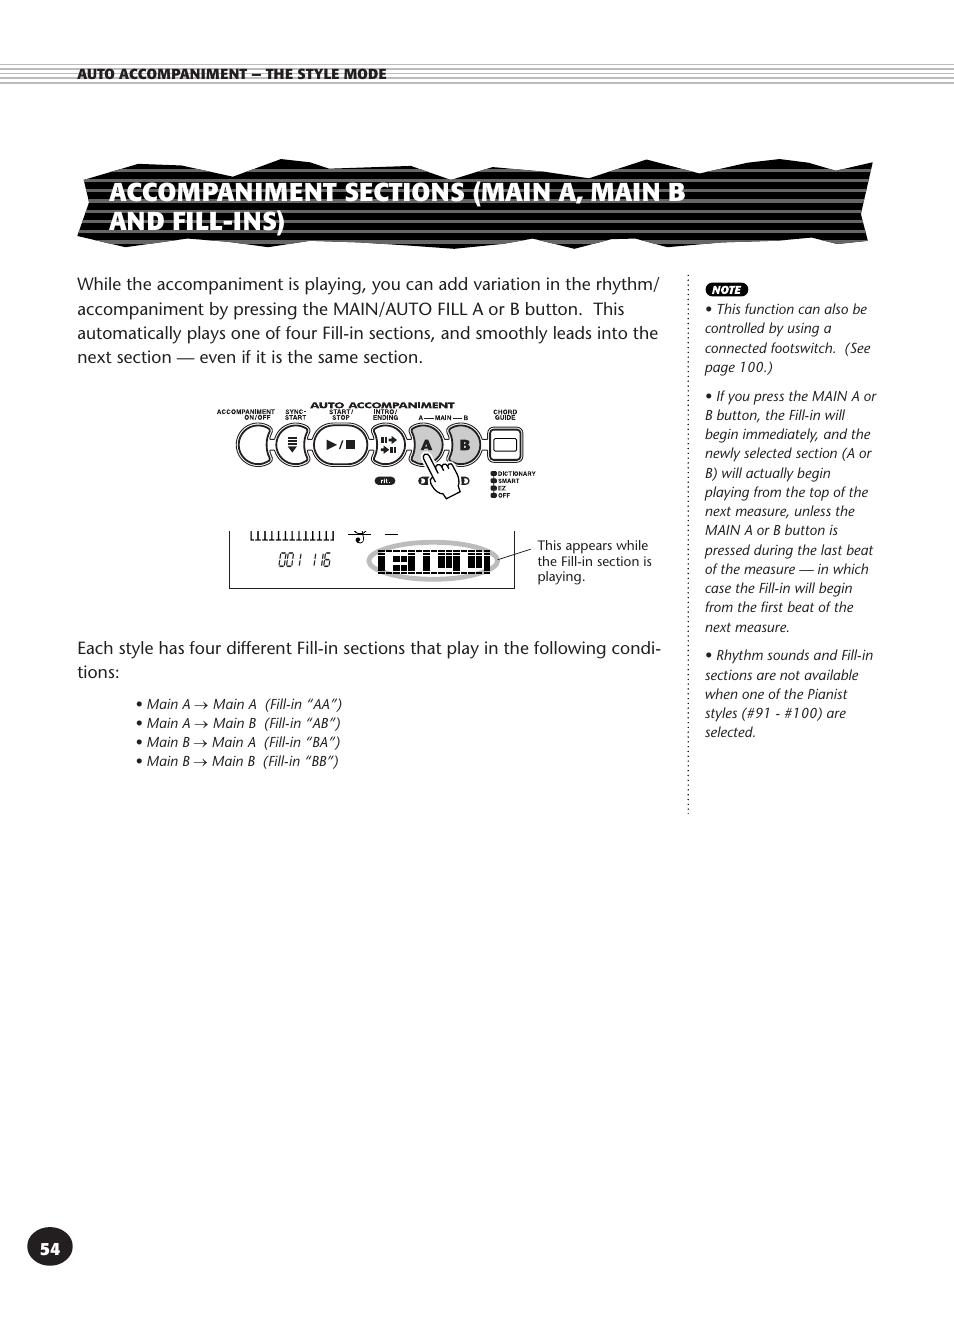 yamaha psr 340 user manual page 54 128 original mode rh manualsdir com manual de yamaha psr 340 en español Yamaha PSR S950